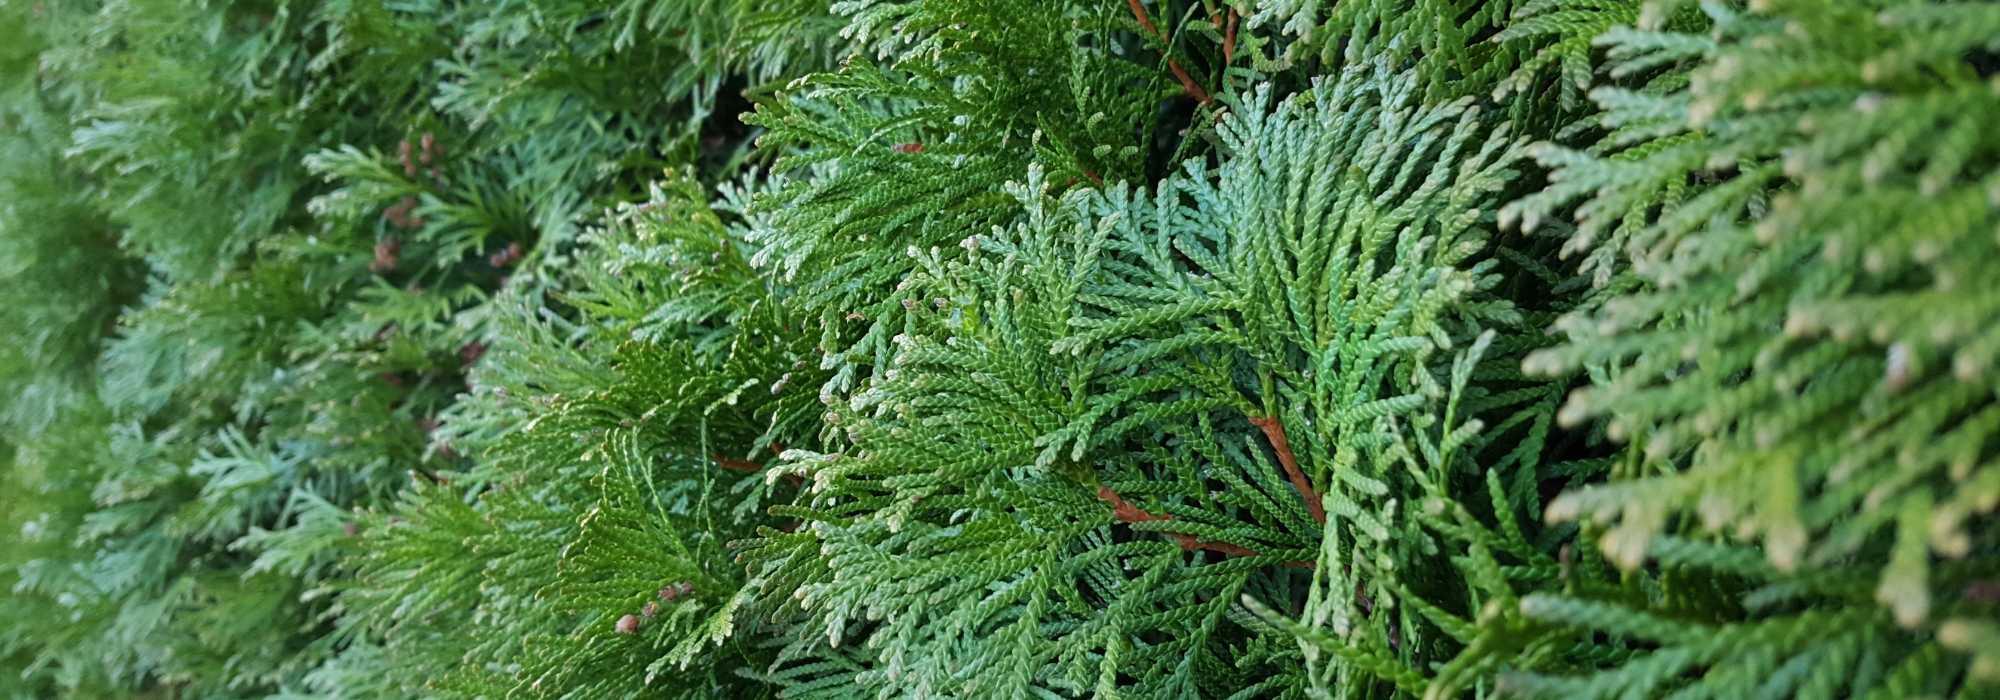 Haie À Croissance Rapide : 10 Arbres Et Arbustes Qui ... destiné Arbre De Jardin A Croissance Rapide